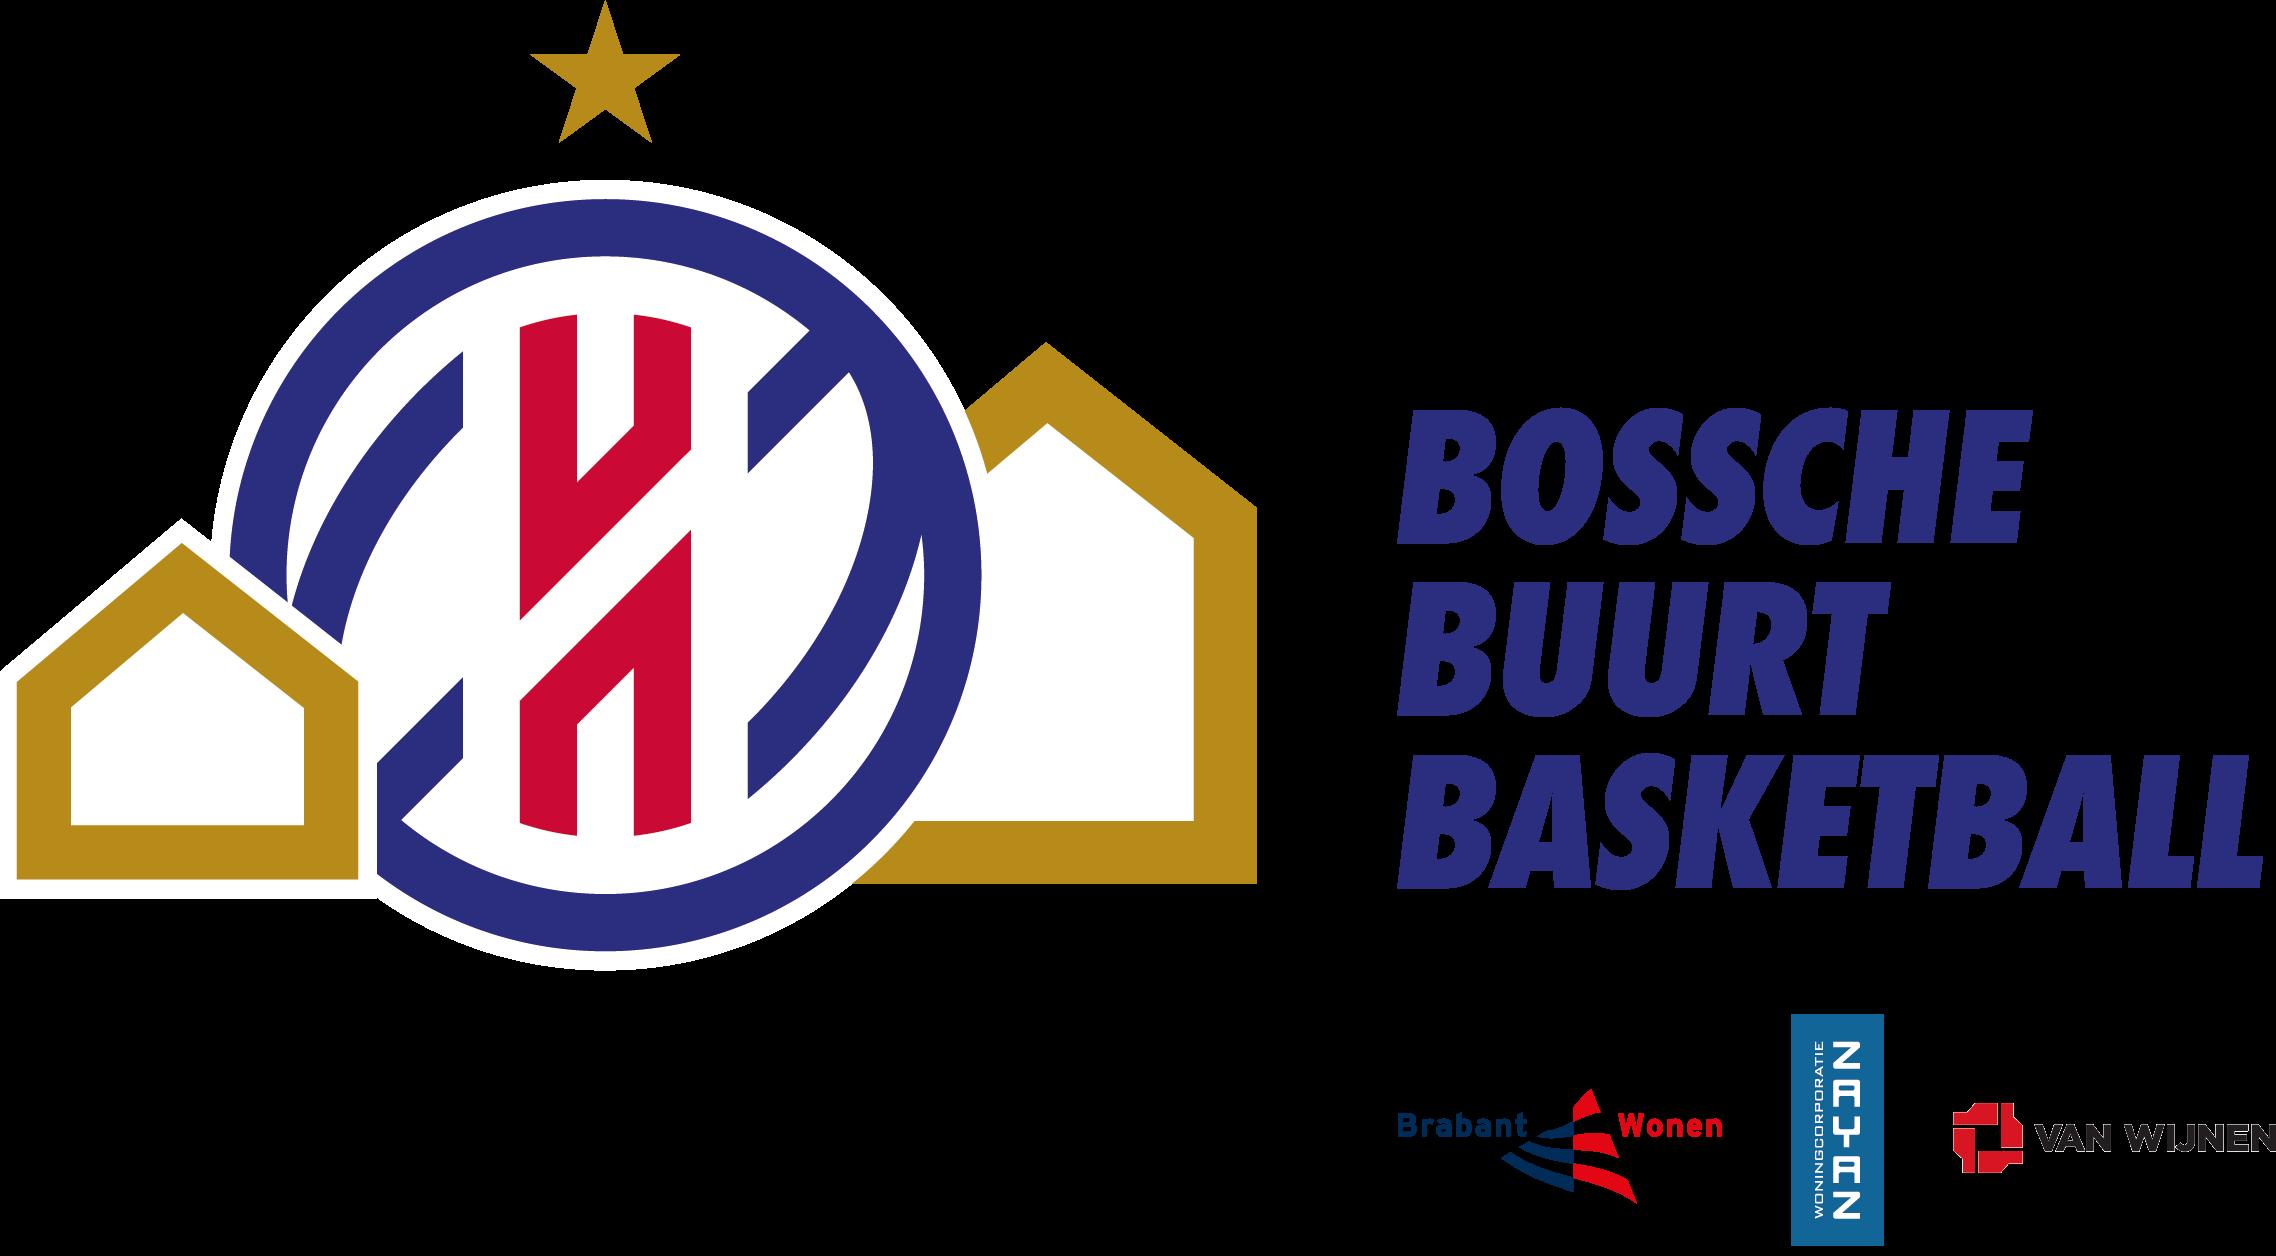 20200617 Bossche Buurt Basketball Logo v4